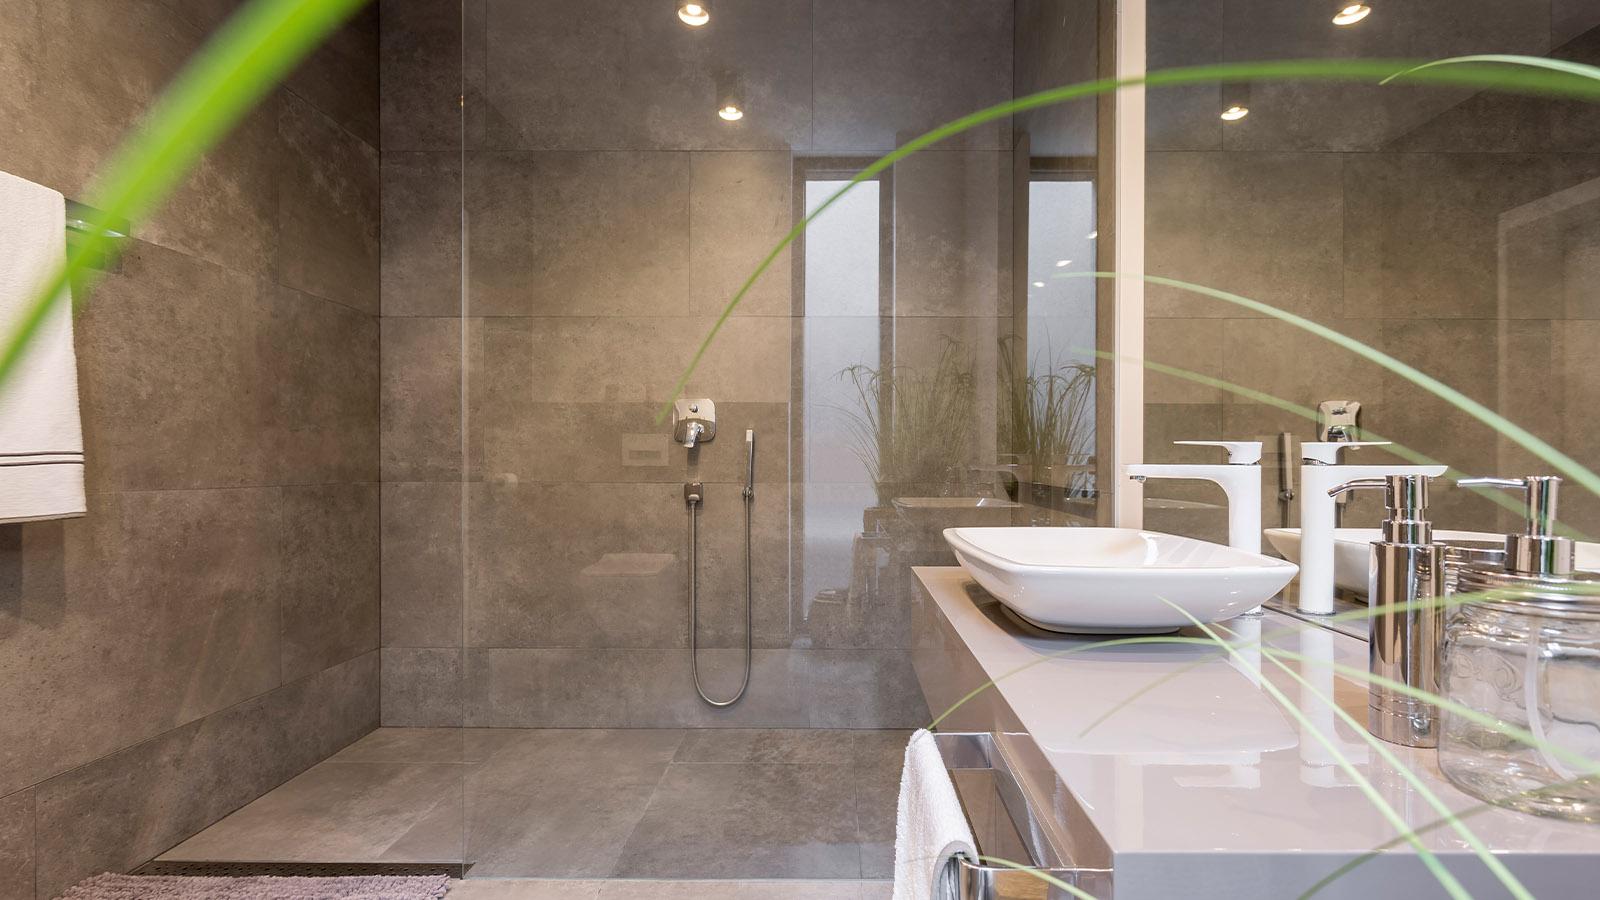 Moderne Dusche mit großer Trennwand aus Glas